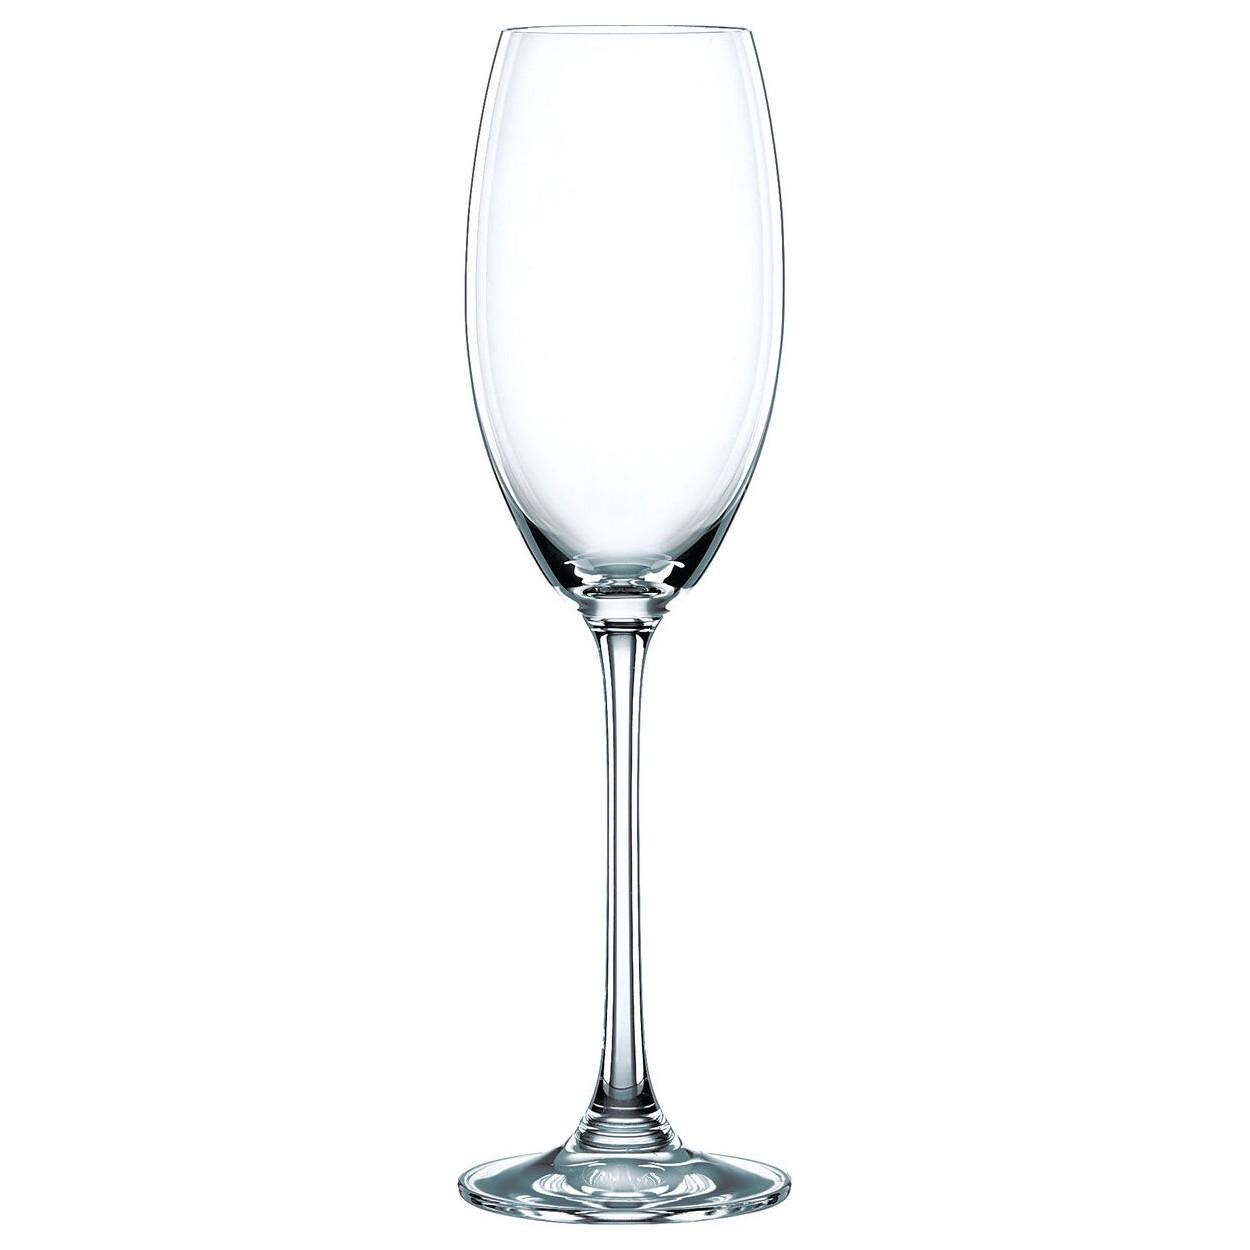 Набор фужеров для шампанского Nachtmann Vivendi 85695, 4 штуки 272 мл набор фужеров для шампанского vivino хрустальное стекло 4 шт 95864 nachtmann